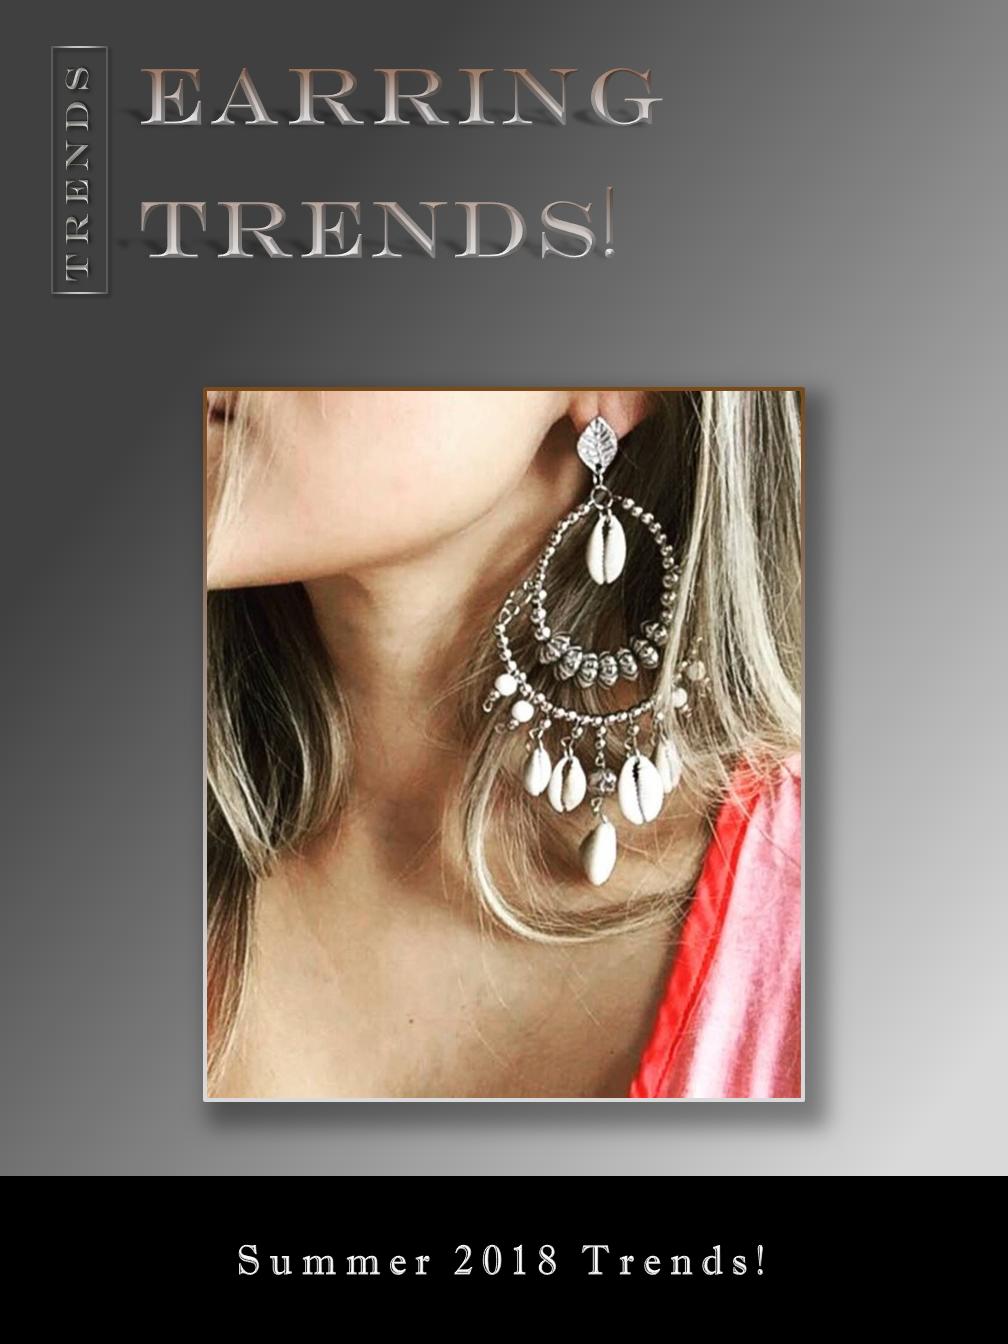 Earring Trends